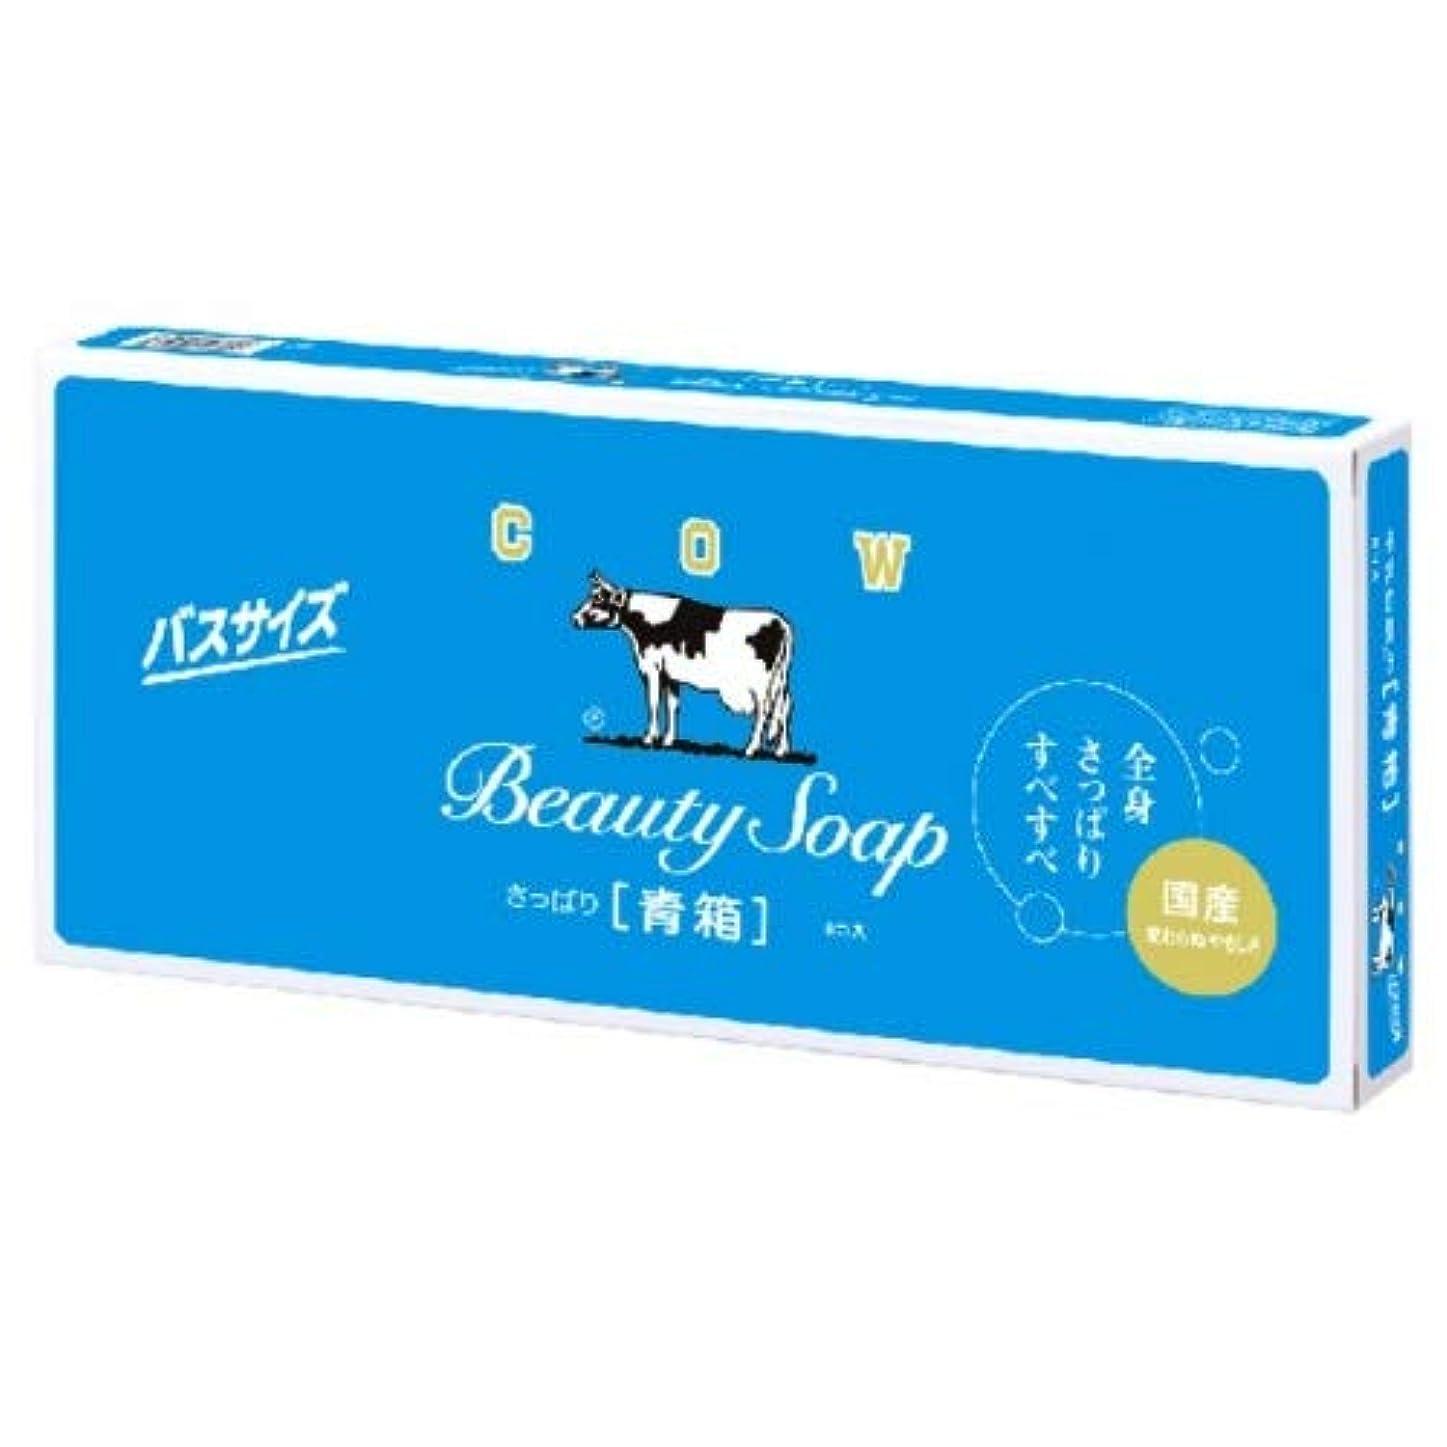 牛乳石鹸 カウブランド 青箱 バスサイズ 6コ入